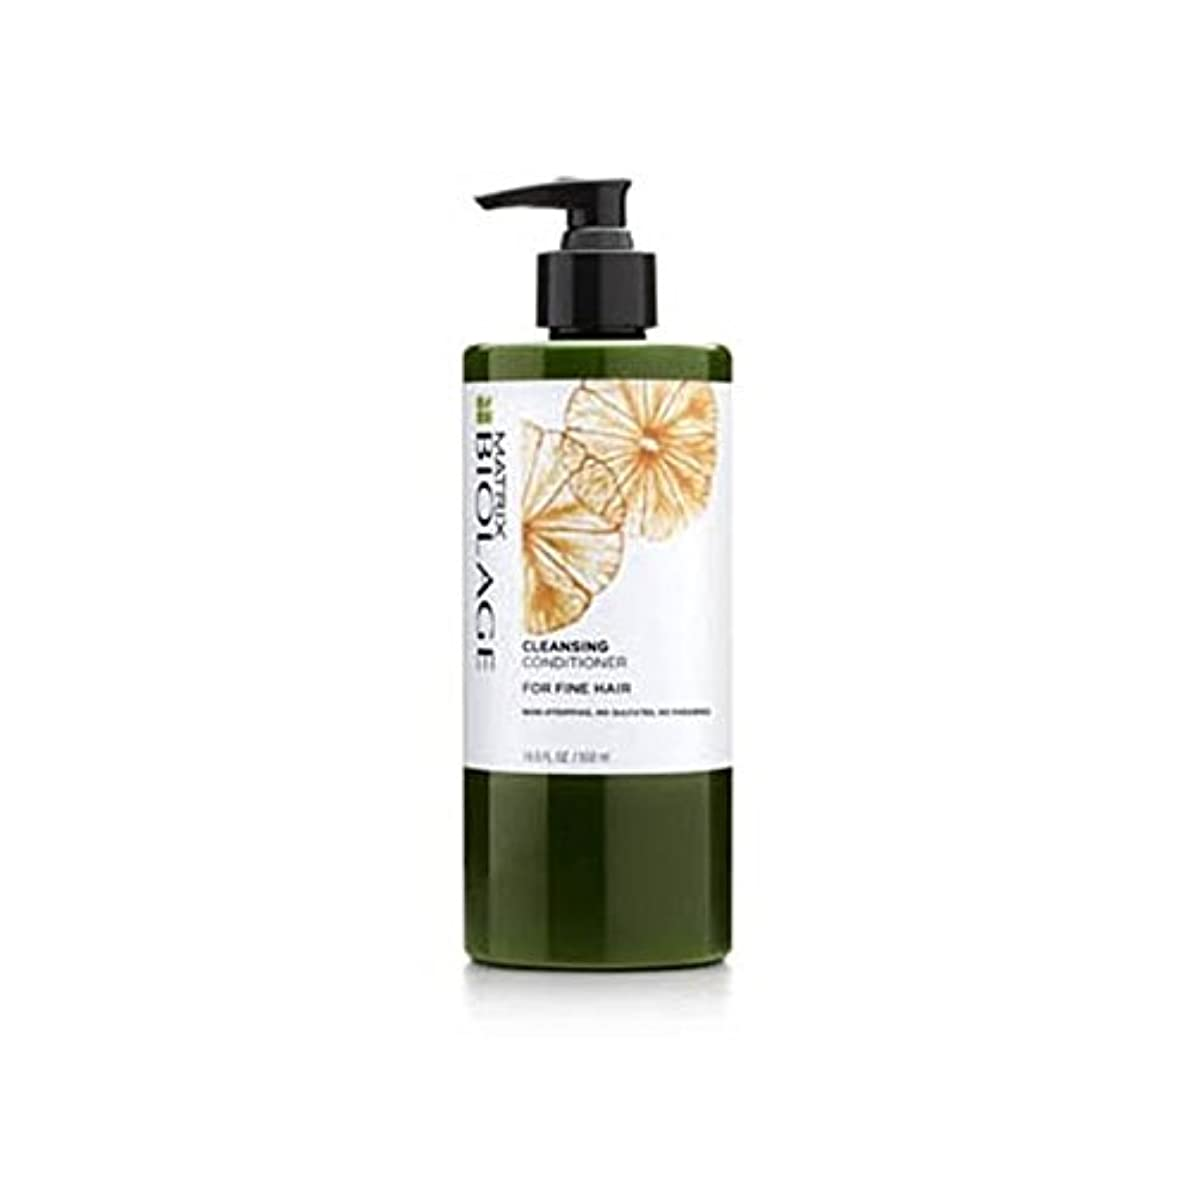 満足できる法律原油Matrix Biolage Cleansing Conditioner - Fine Hair (500ml) (Pack of 6) - マトリックスバイオレイジクレンジングコンディショナー - 細い髪(500ミリリットル) x6 [並行輸入品]